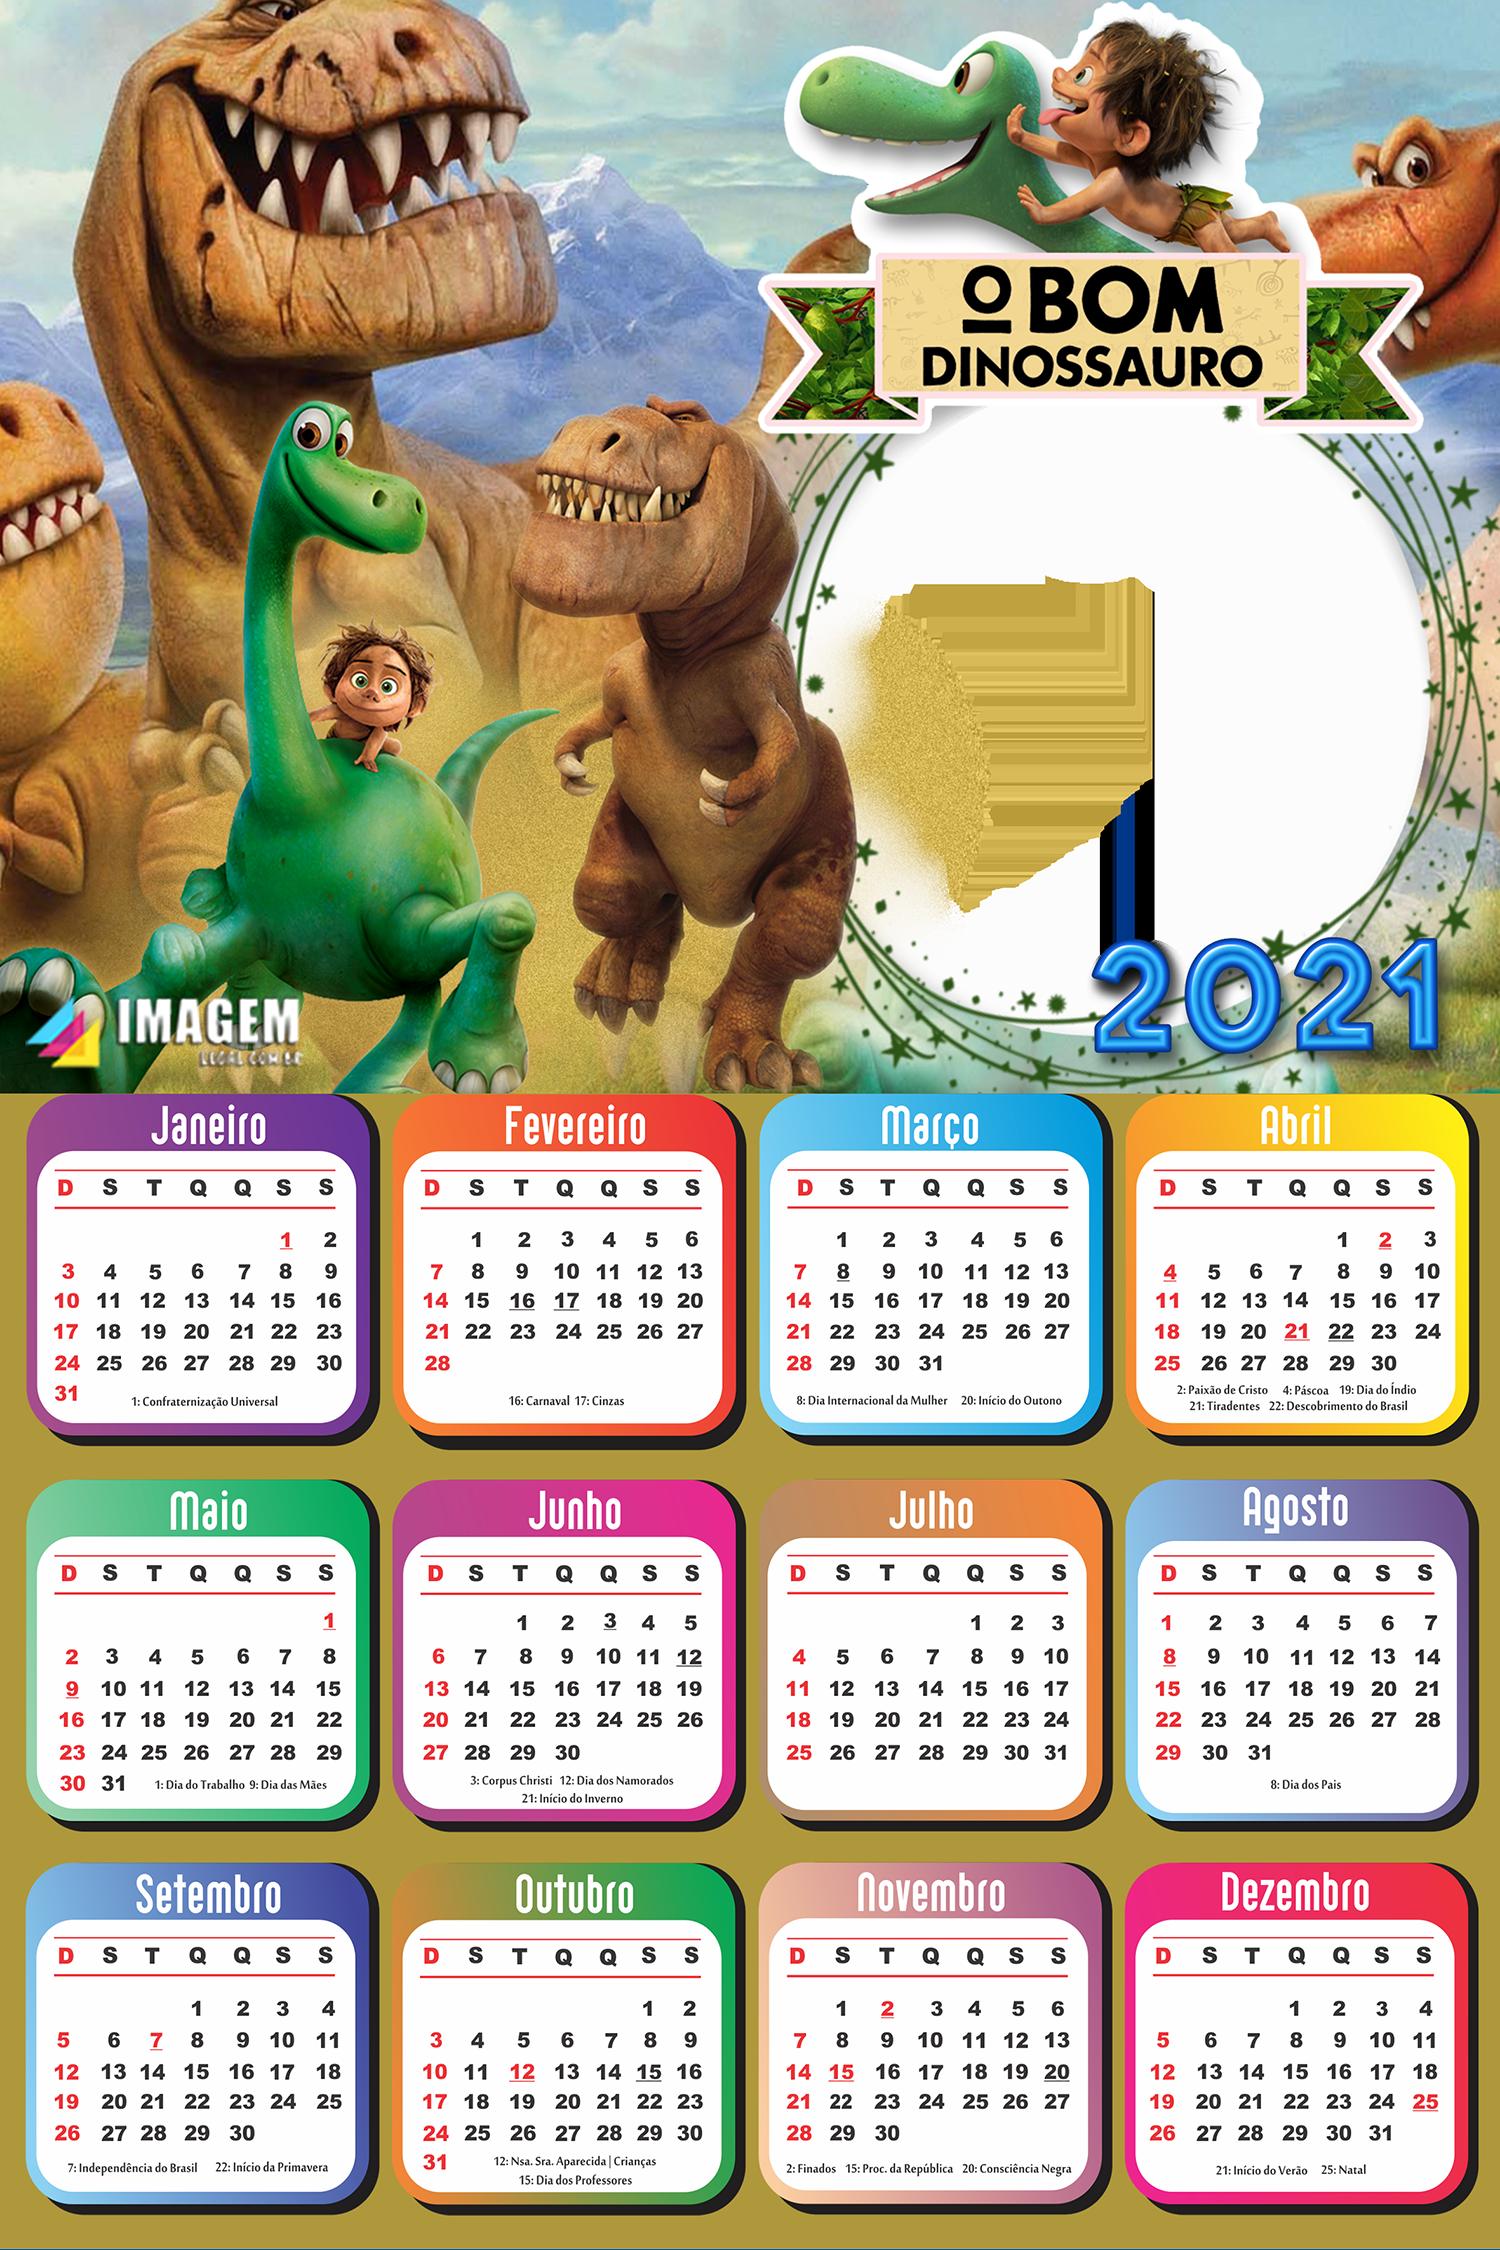 Calendário 2021 O Bom Dinossauro para Foto Colagem